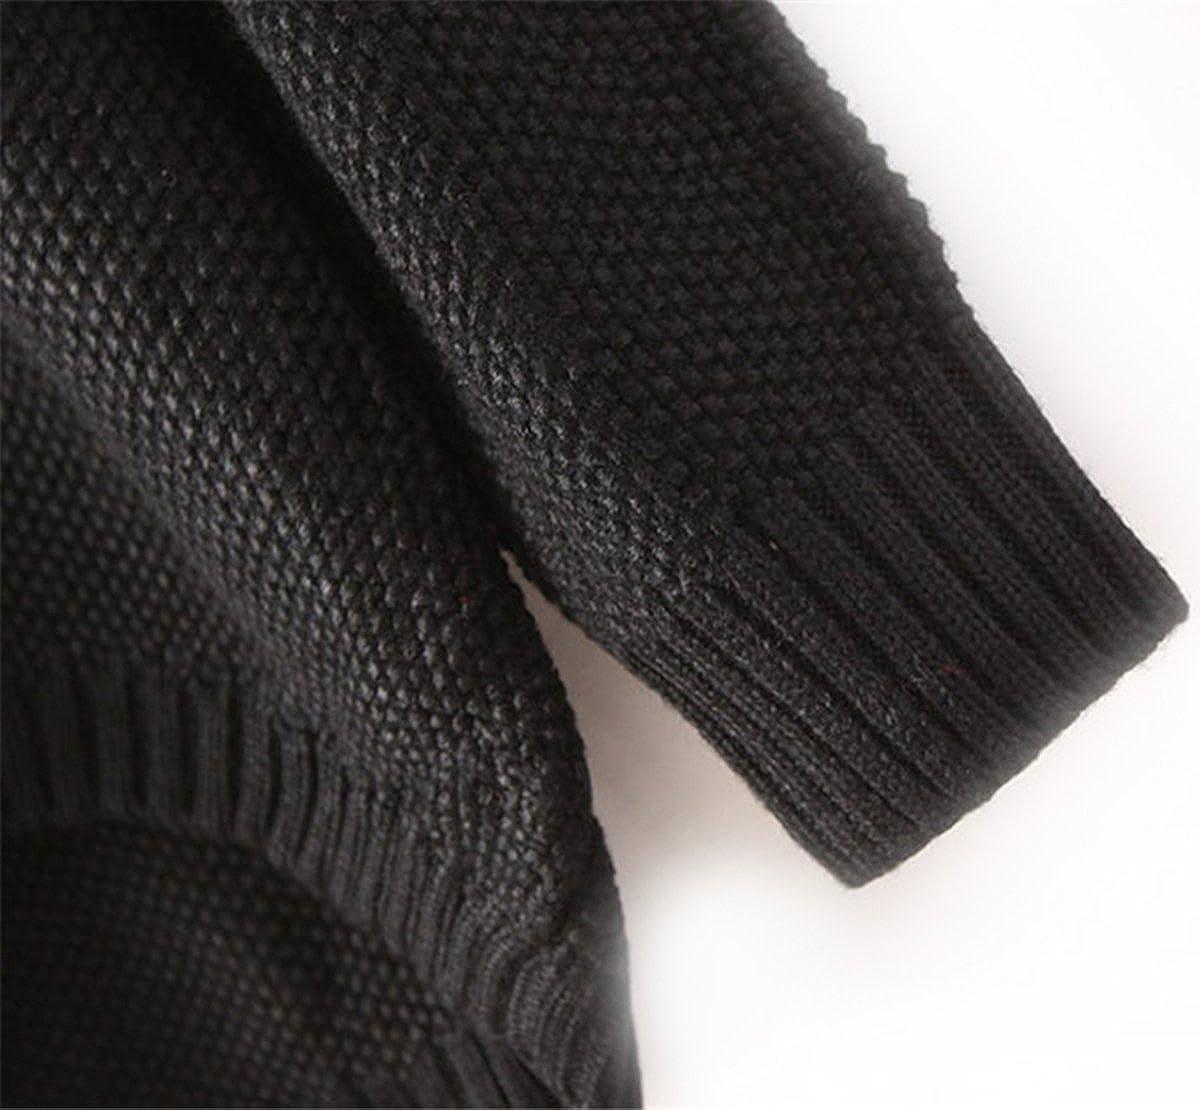 Sheinside® femeninos Pull over espalda roto contrastada tallas de vaquero, color negro negro: Amazon.es: Ropa y accesorios